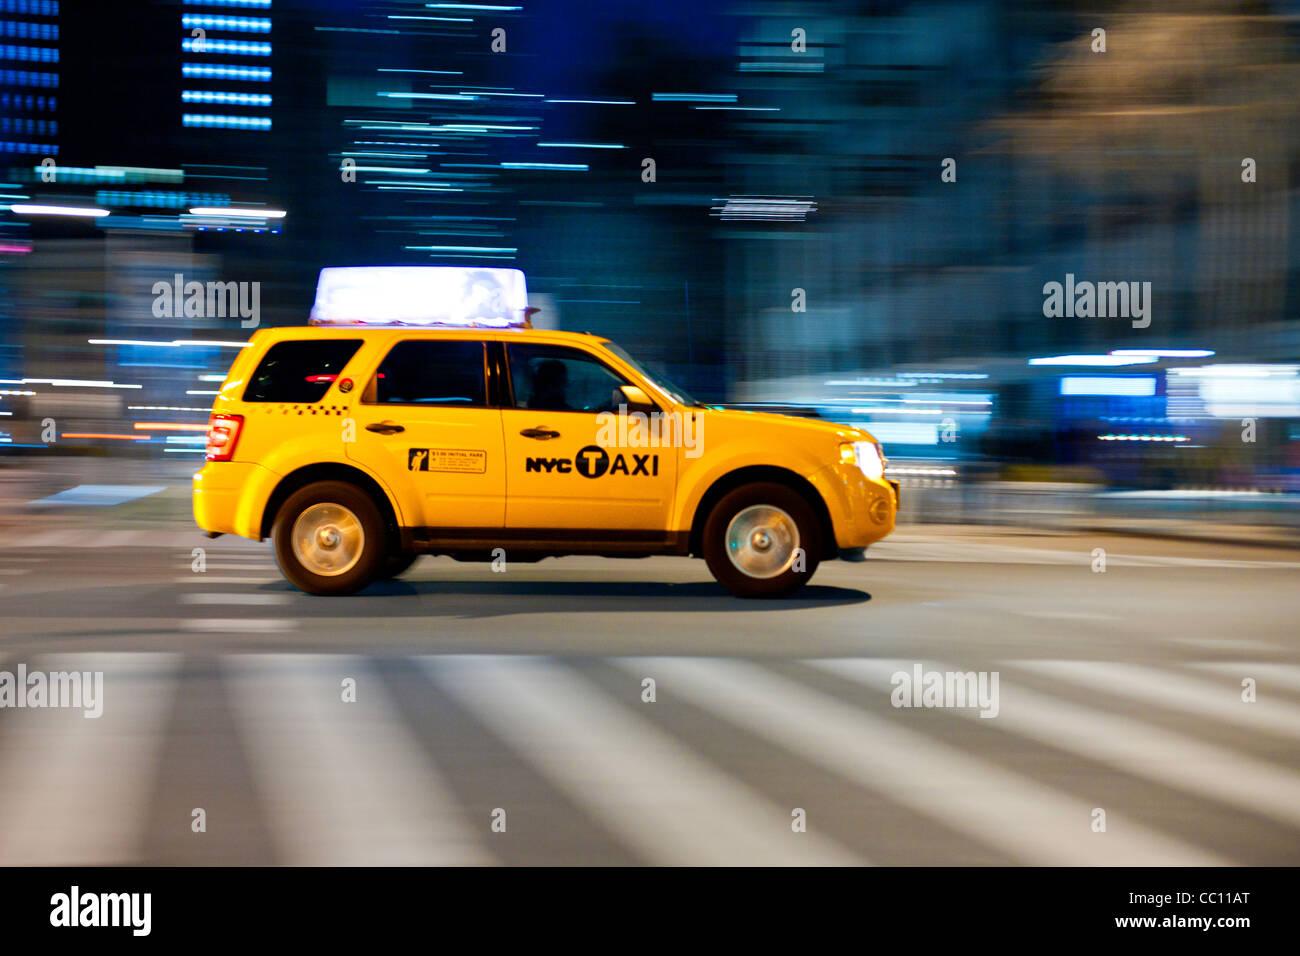 Yellow cab at street. Taxi Cab Manhattan, New York, USA. - Stock Image